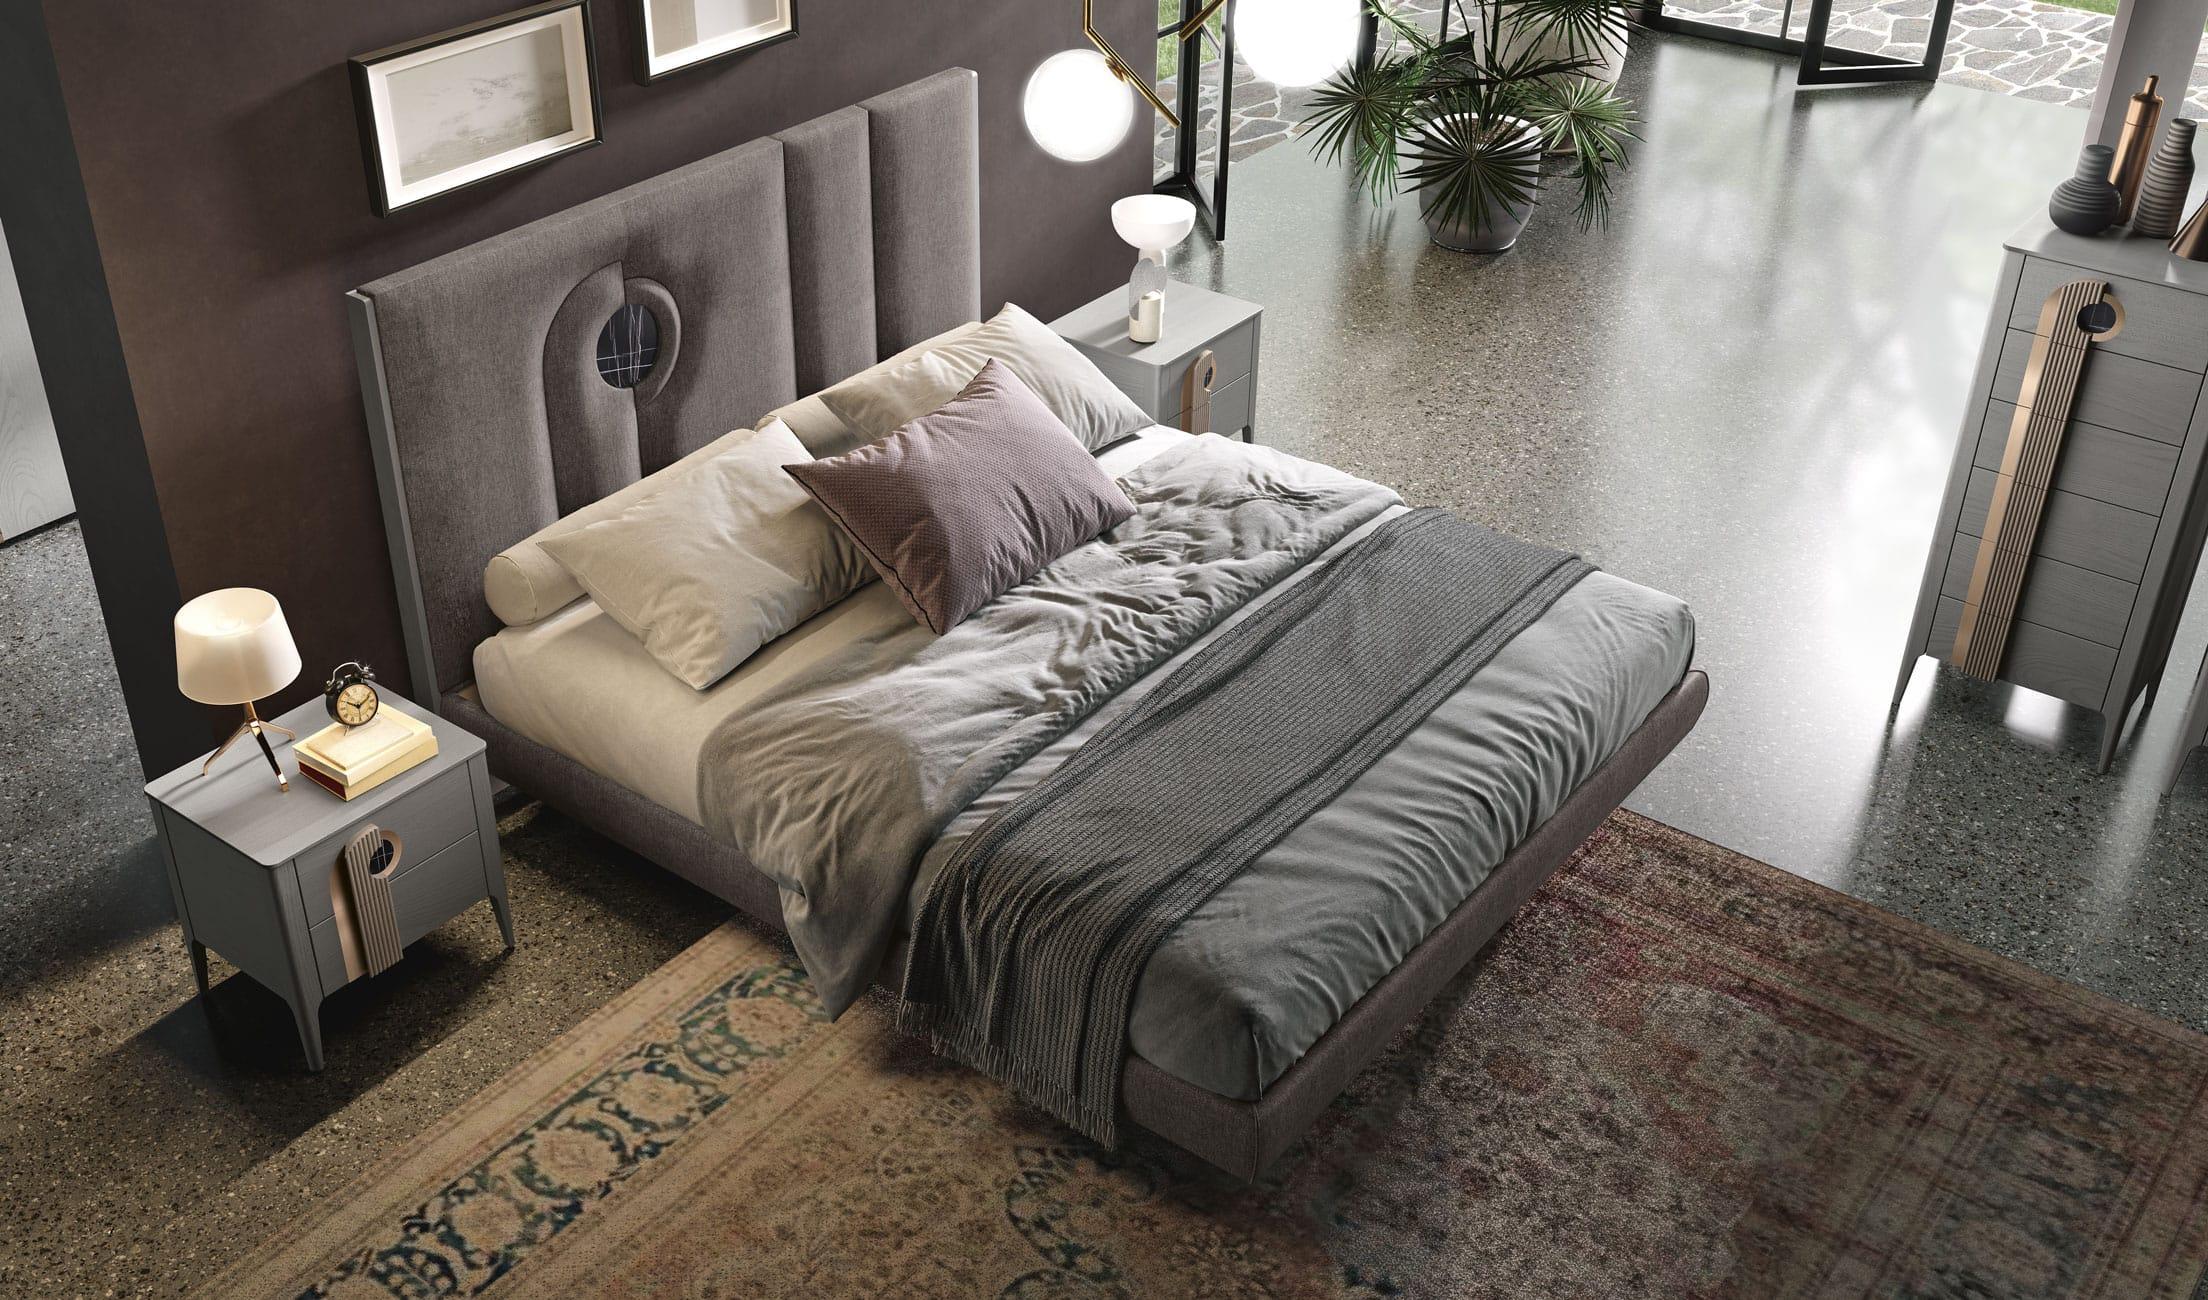 mood-letto-polvere-green-adriatica-1.jpg